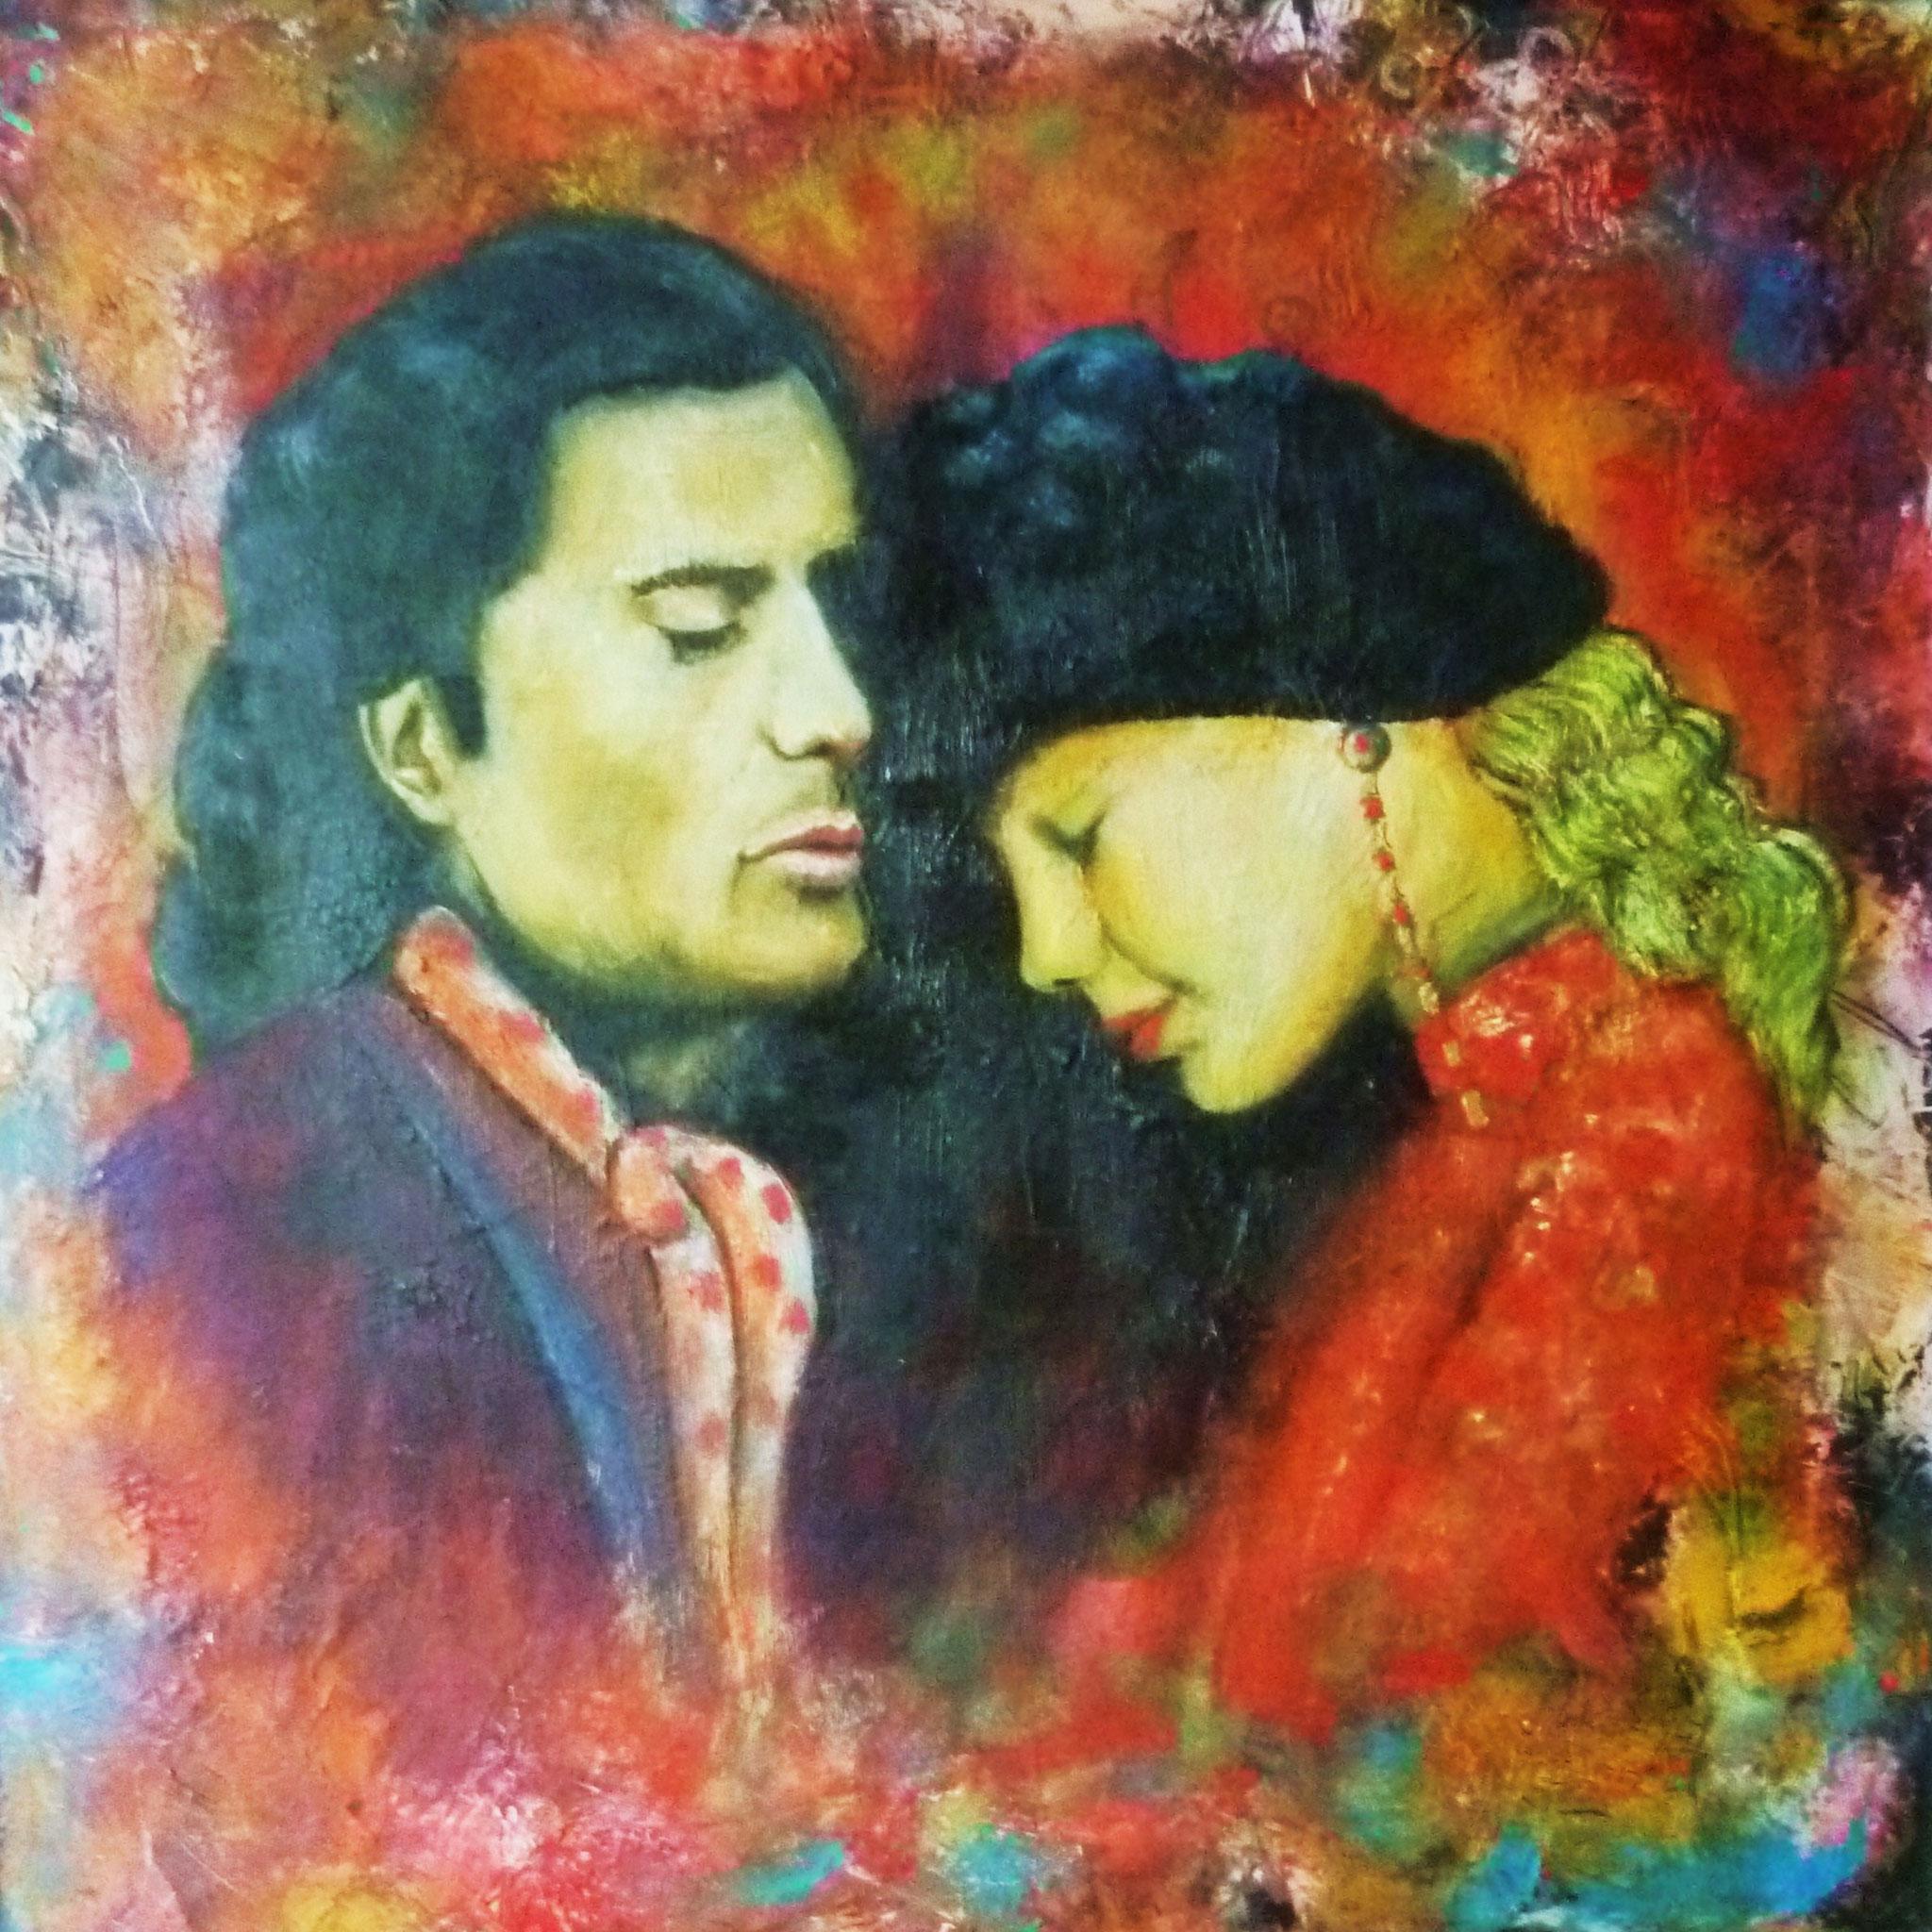 Liebende, Öl auf Leinwand, 50 x 50 cm